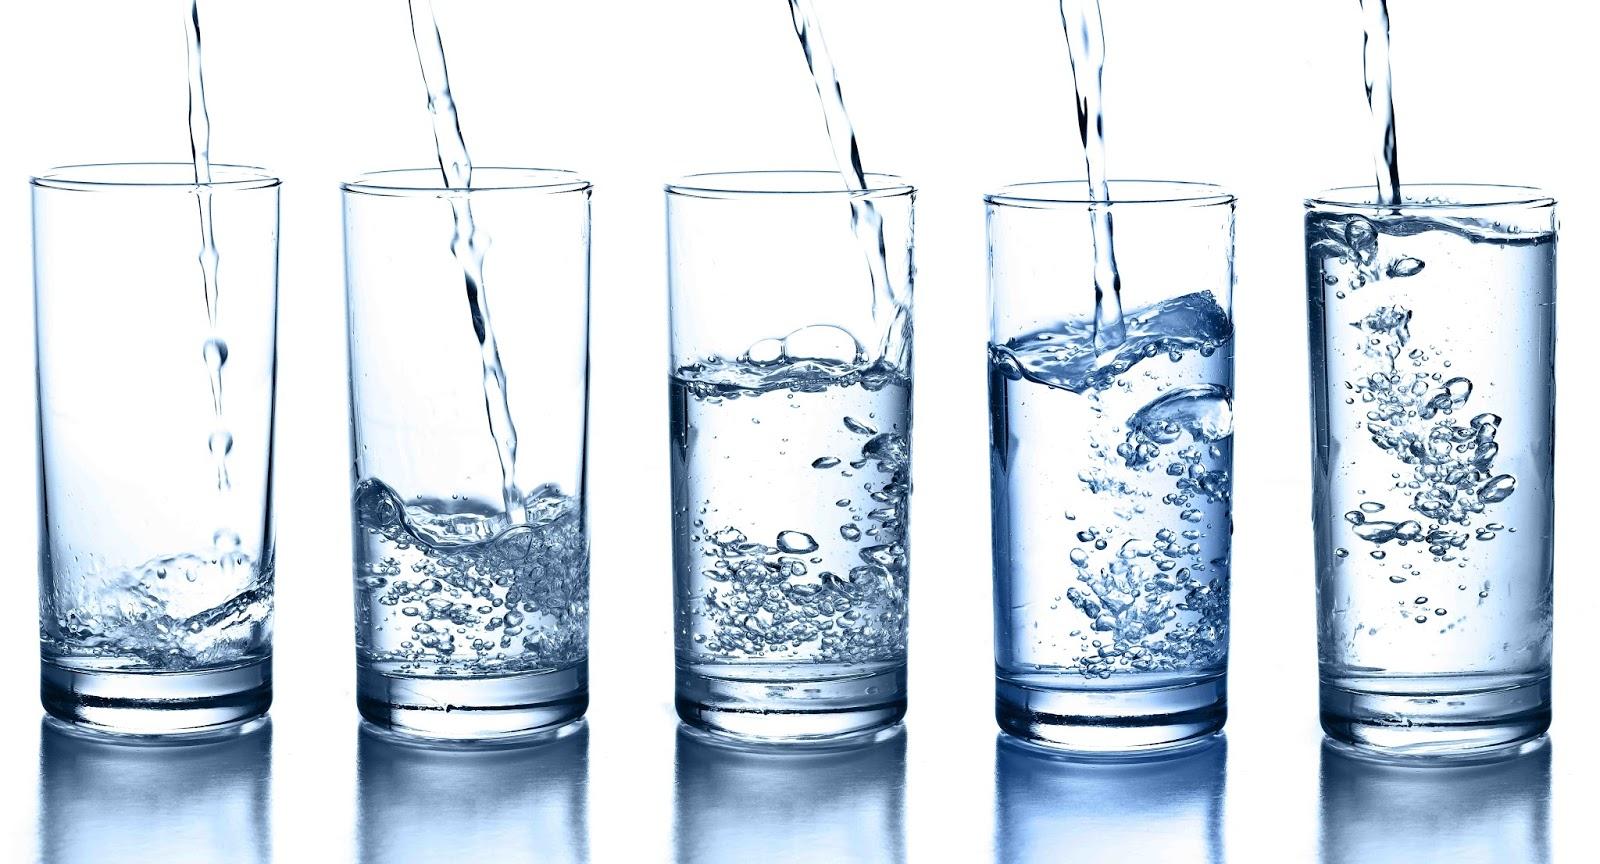 Água: Entenda como beber em excesso pode fazer mal ao organismo